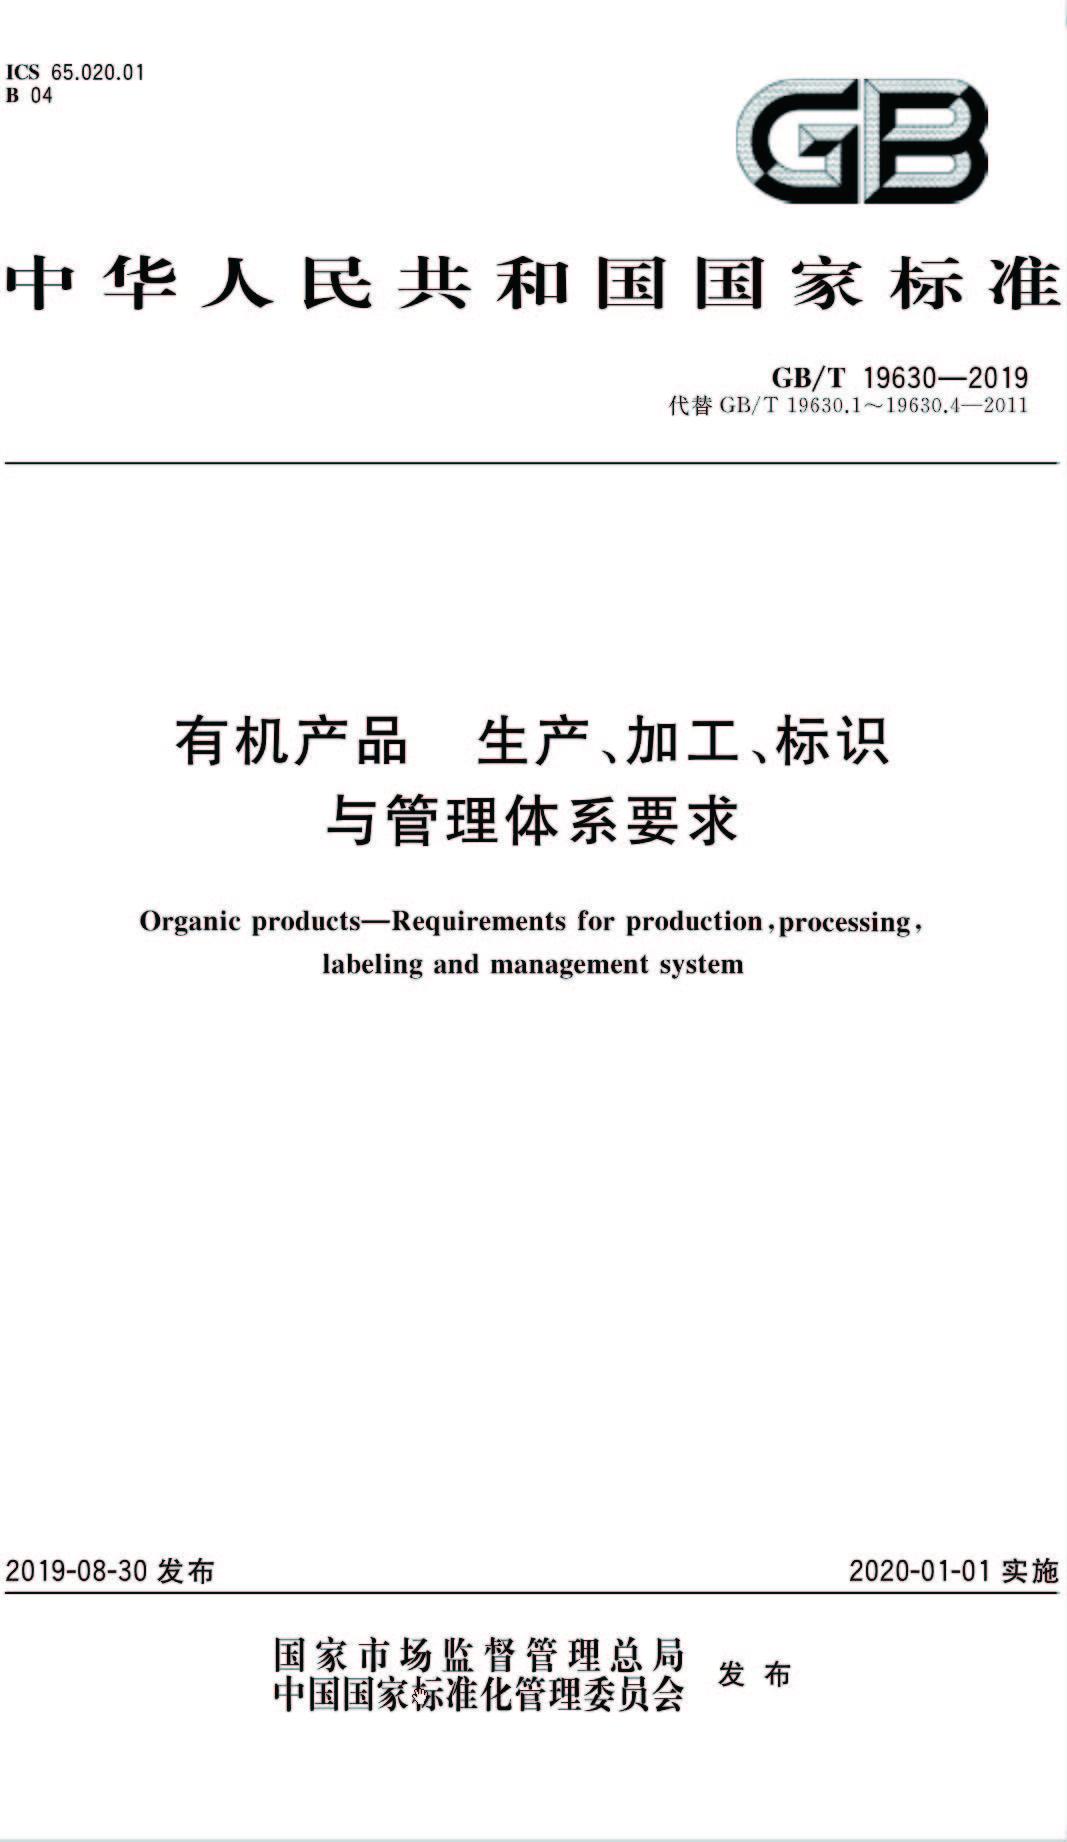 有机食品GBT 19630-2019